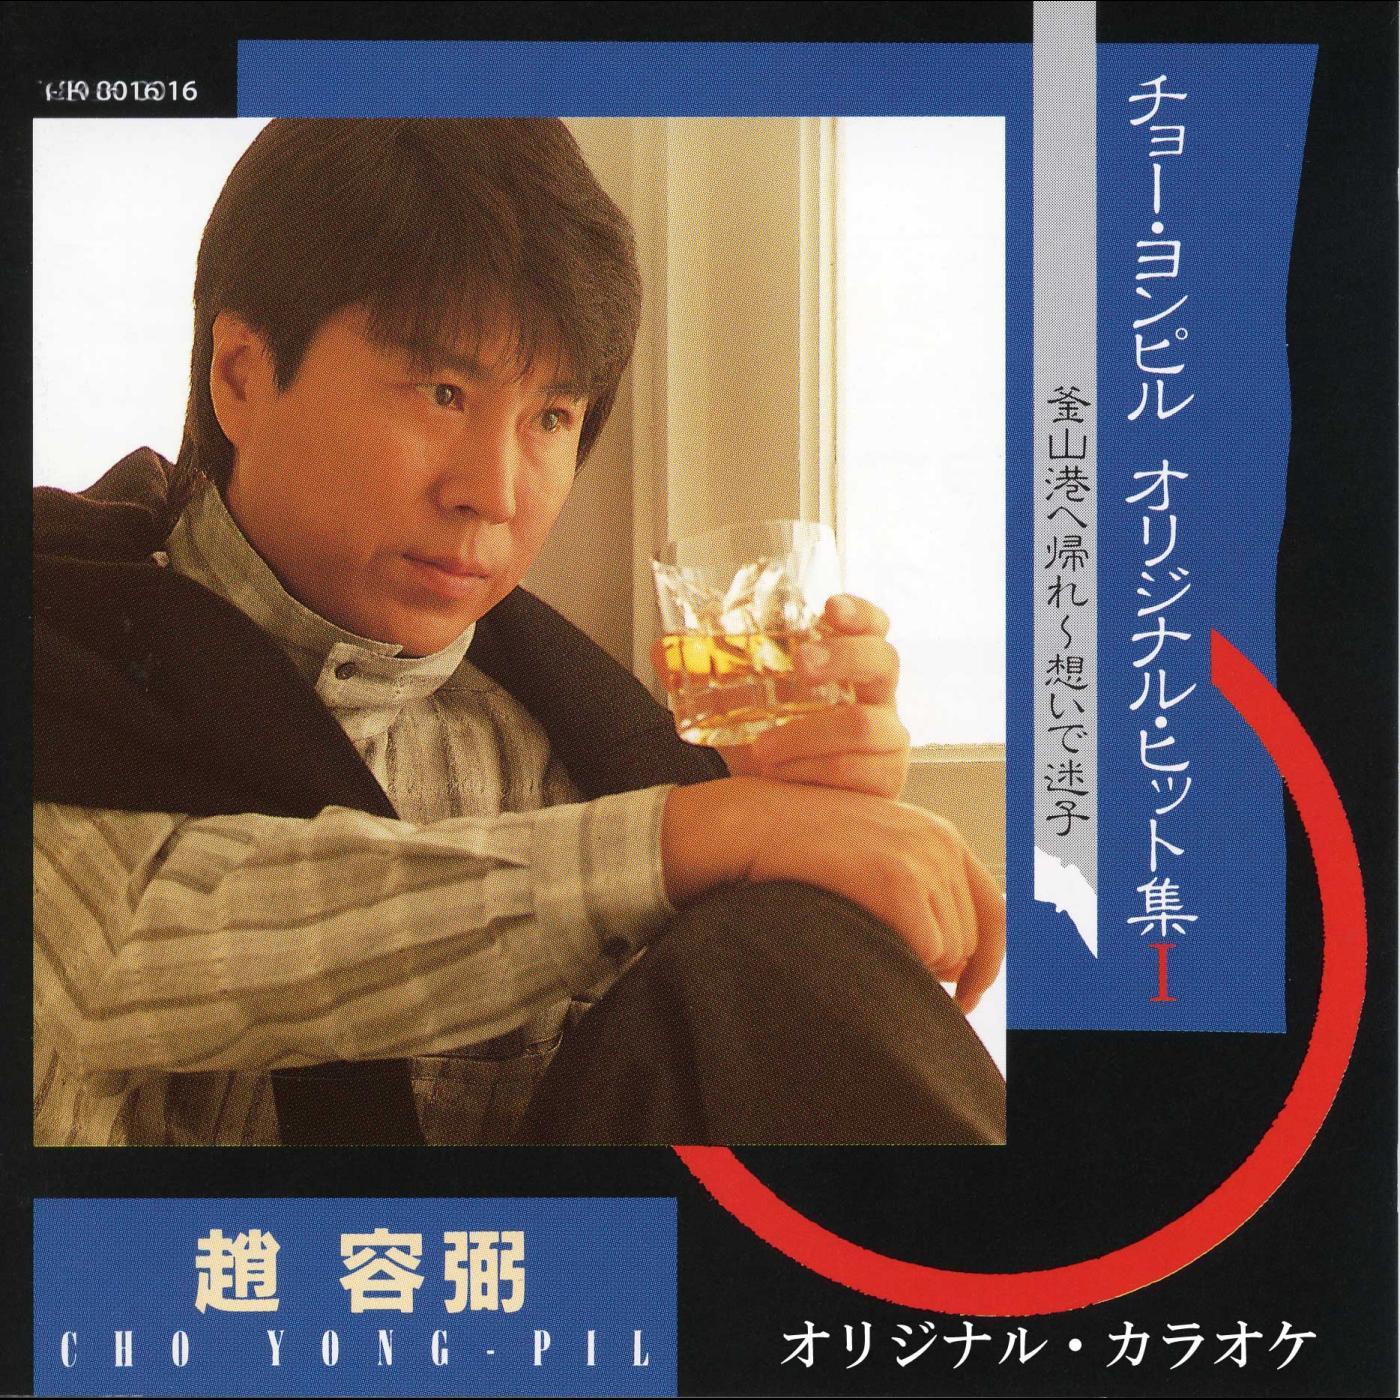 チョー (俳優)の画像 p1_39